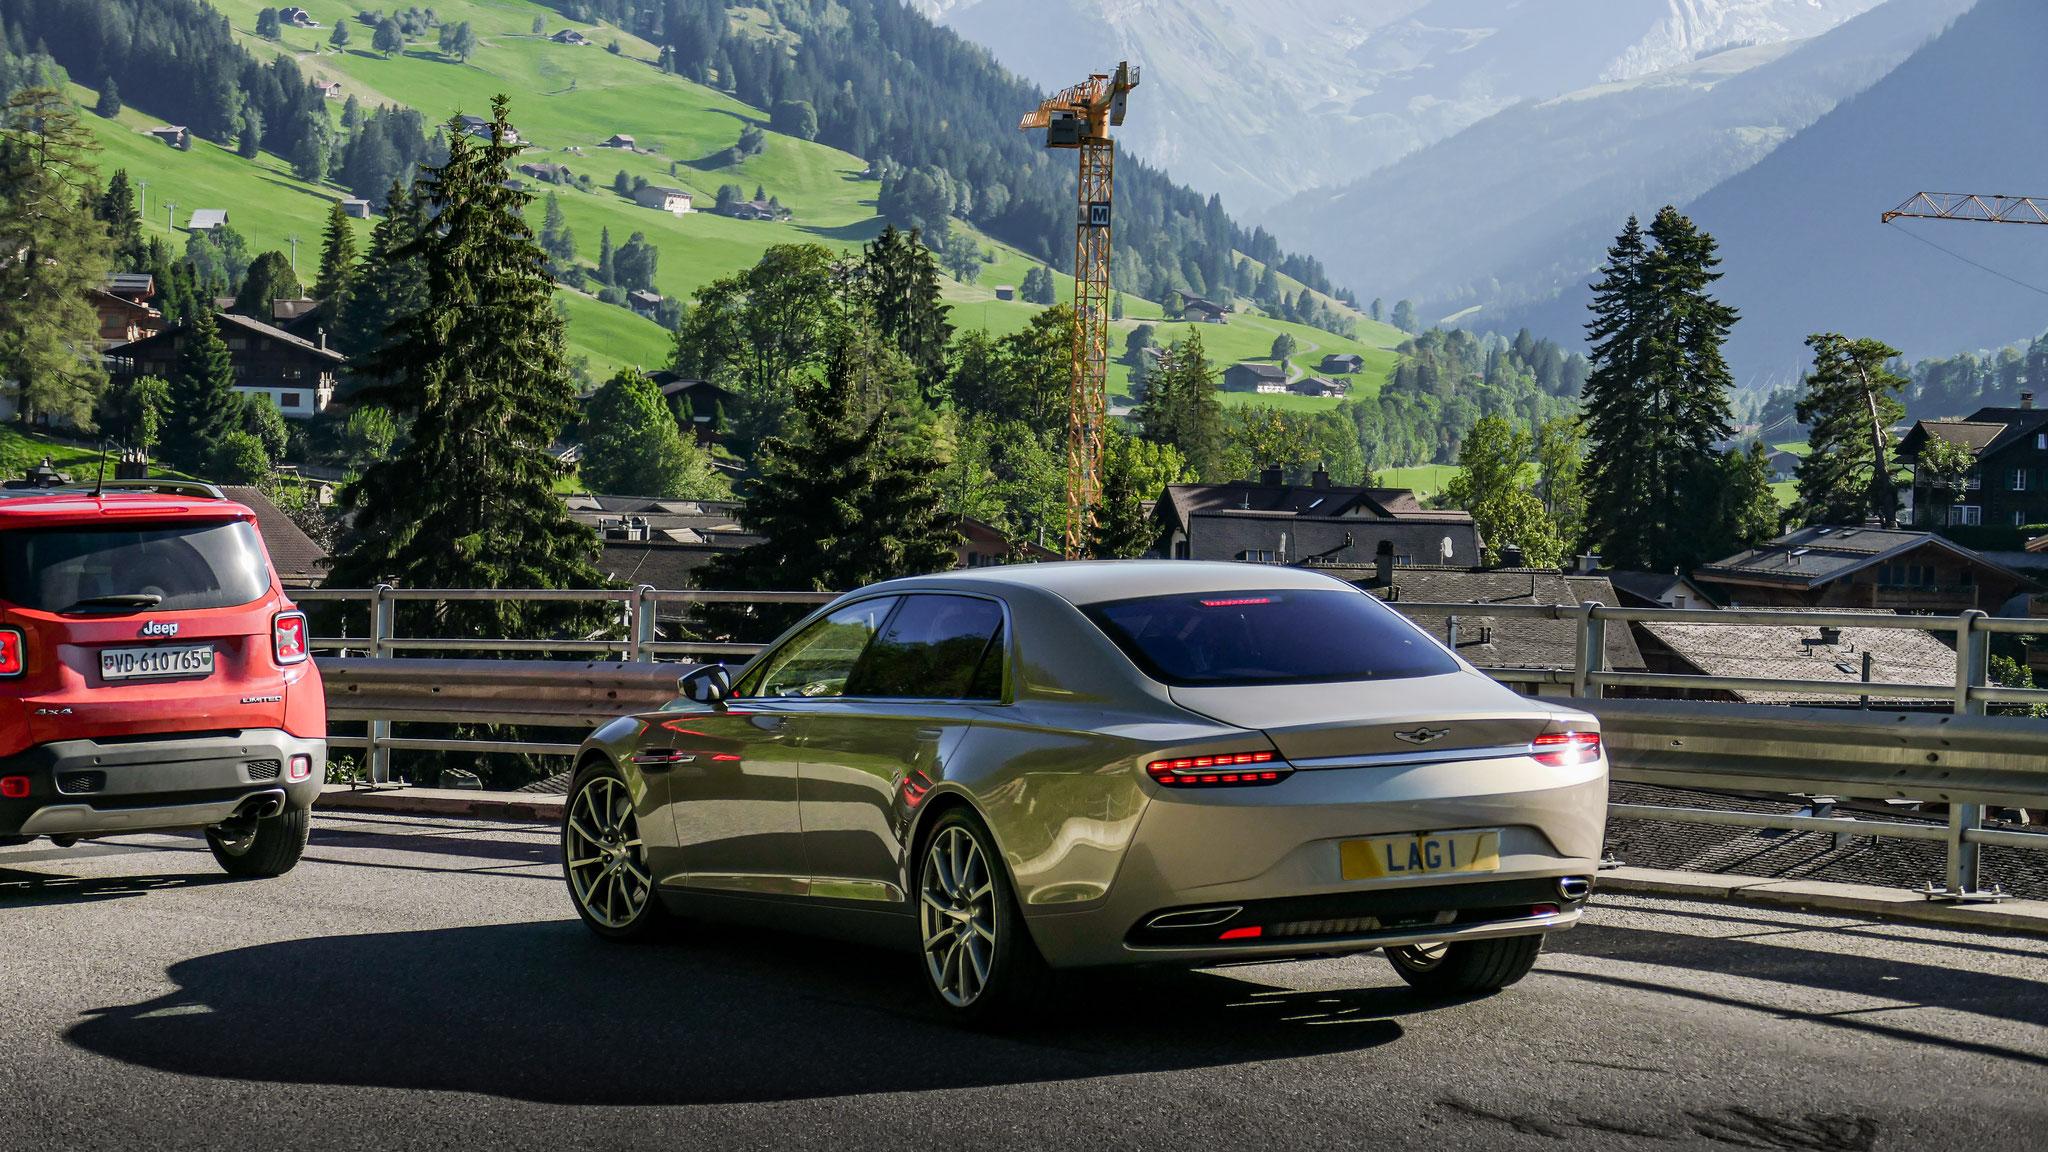 Aston martin Laginda Taraf - LAG-1 (GB)